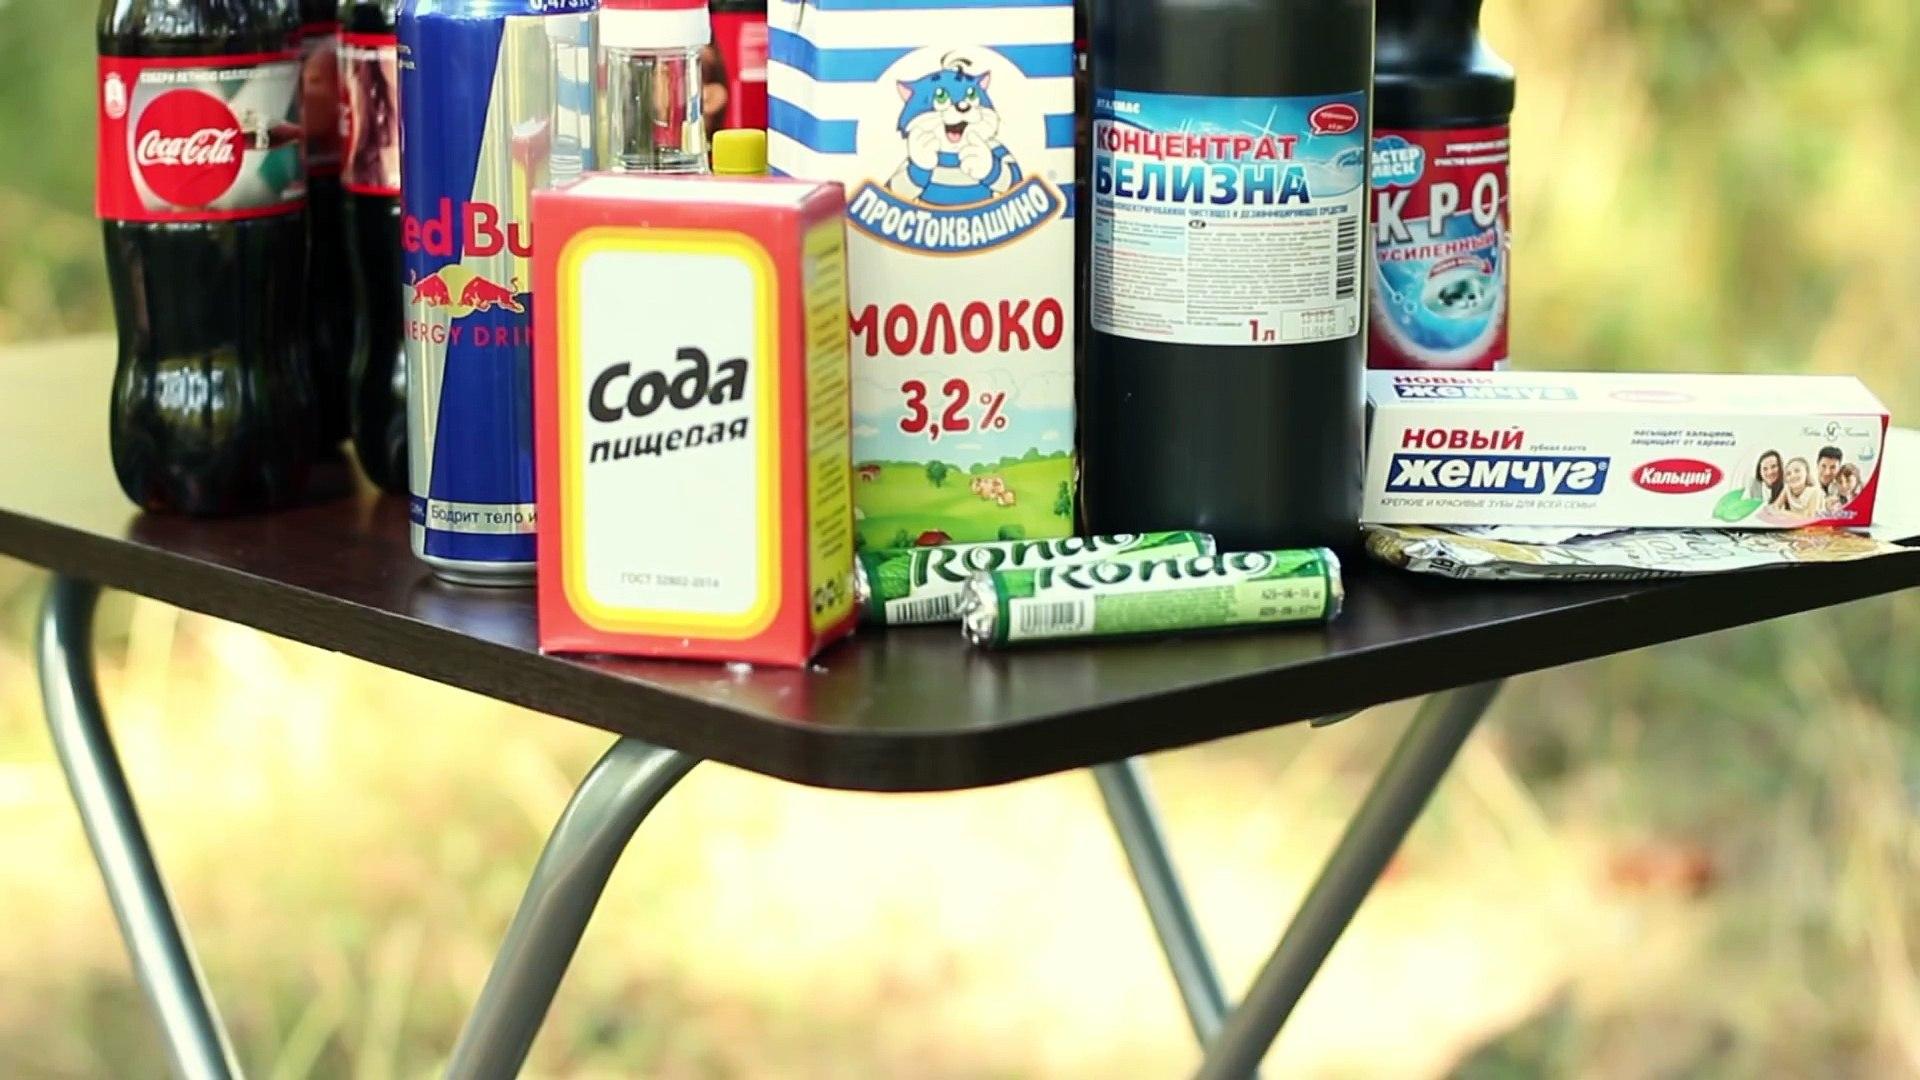 15 CRAZY COCA-COLA EXPERIMENTS! 15 من التجارب مجنون كوكا كولا! 15 CRAZY COCA-COLA實驗!